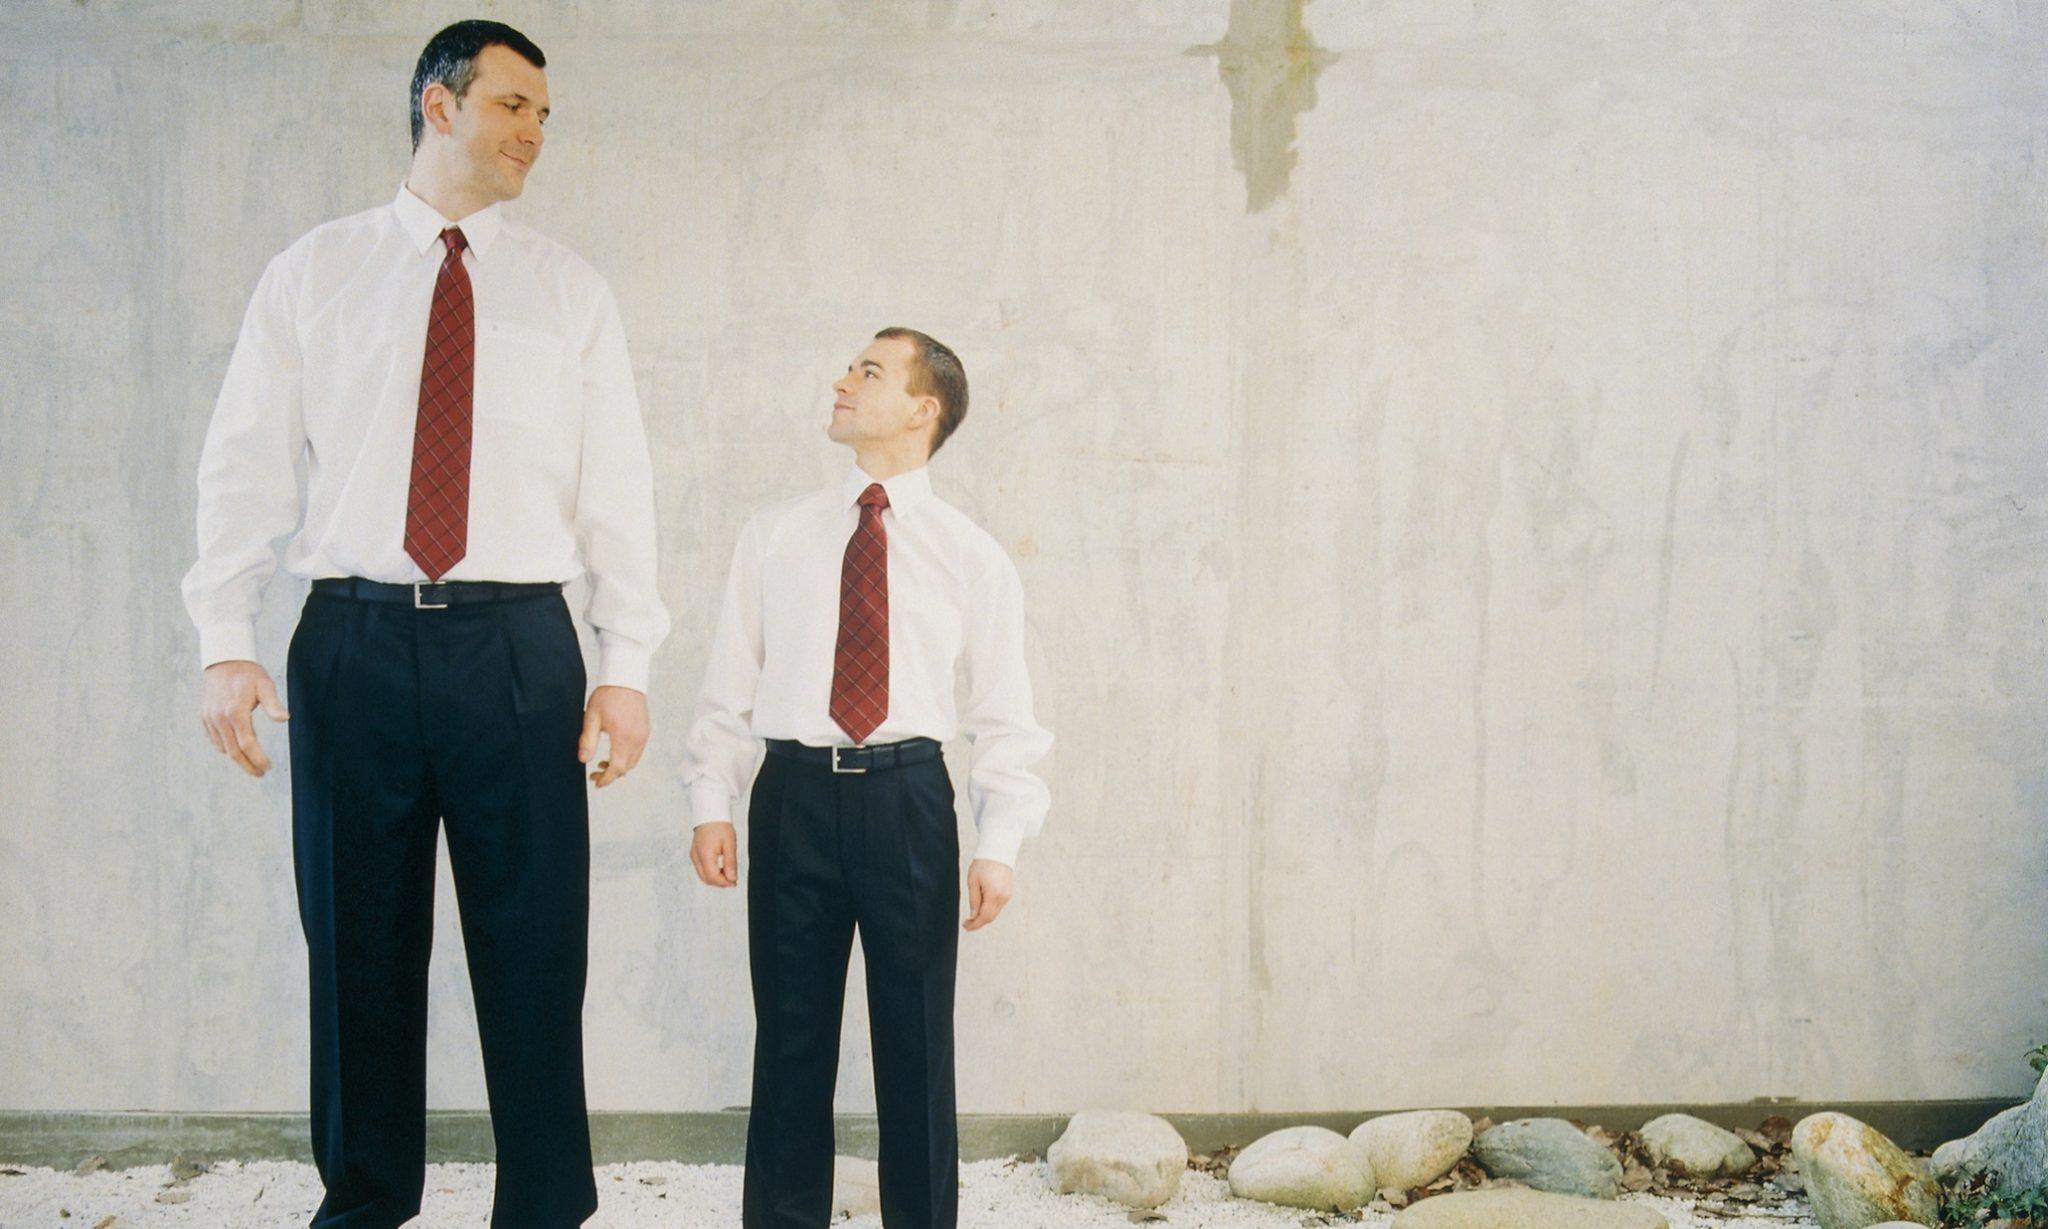 بلندقدترین و کوتاهقدترین مردم